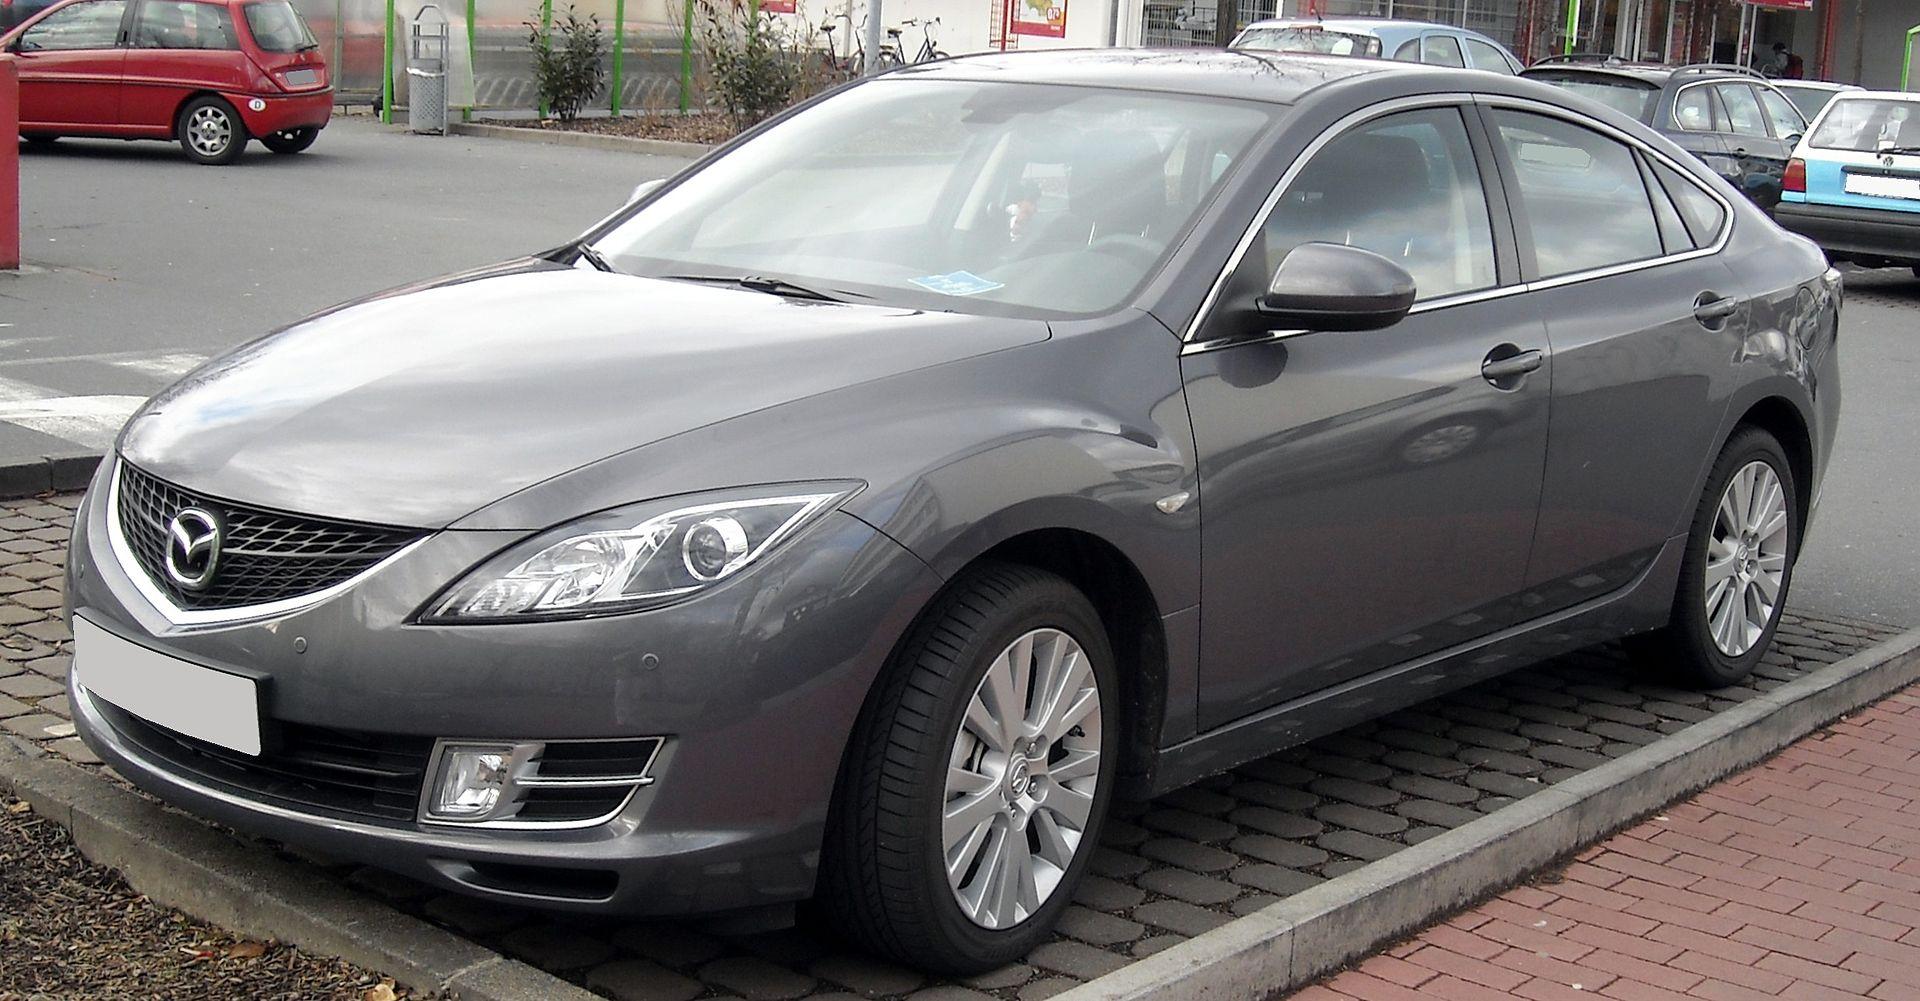 Mazda 6 front 20090212.jpg